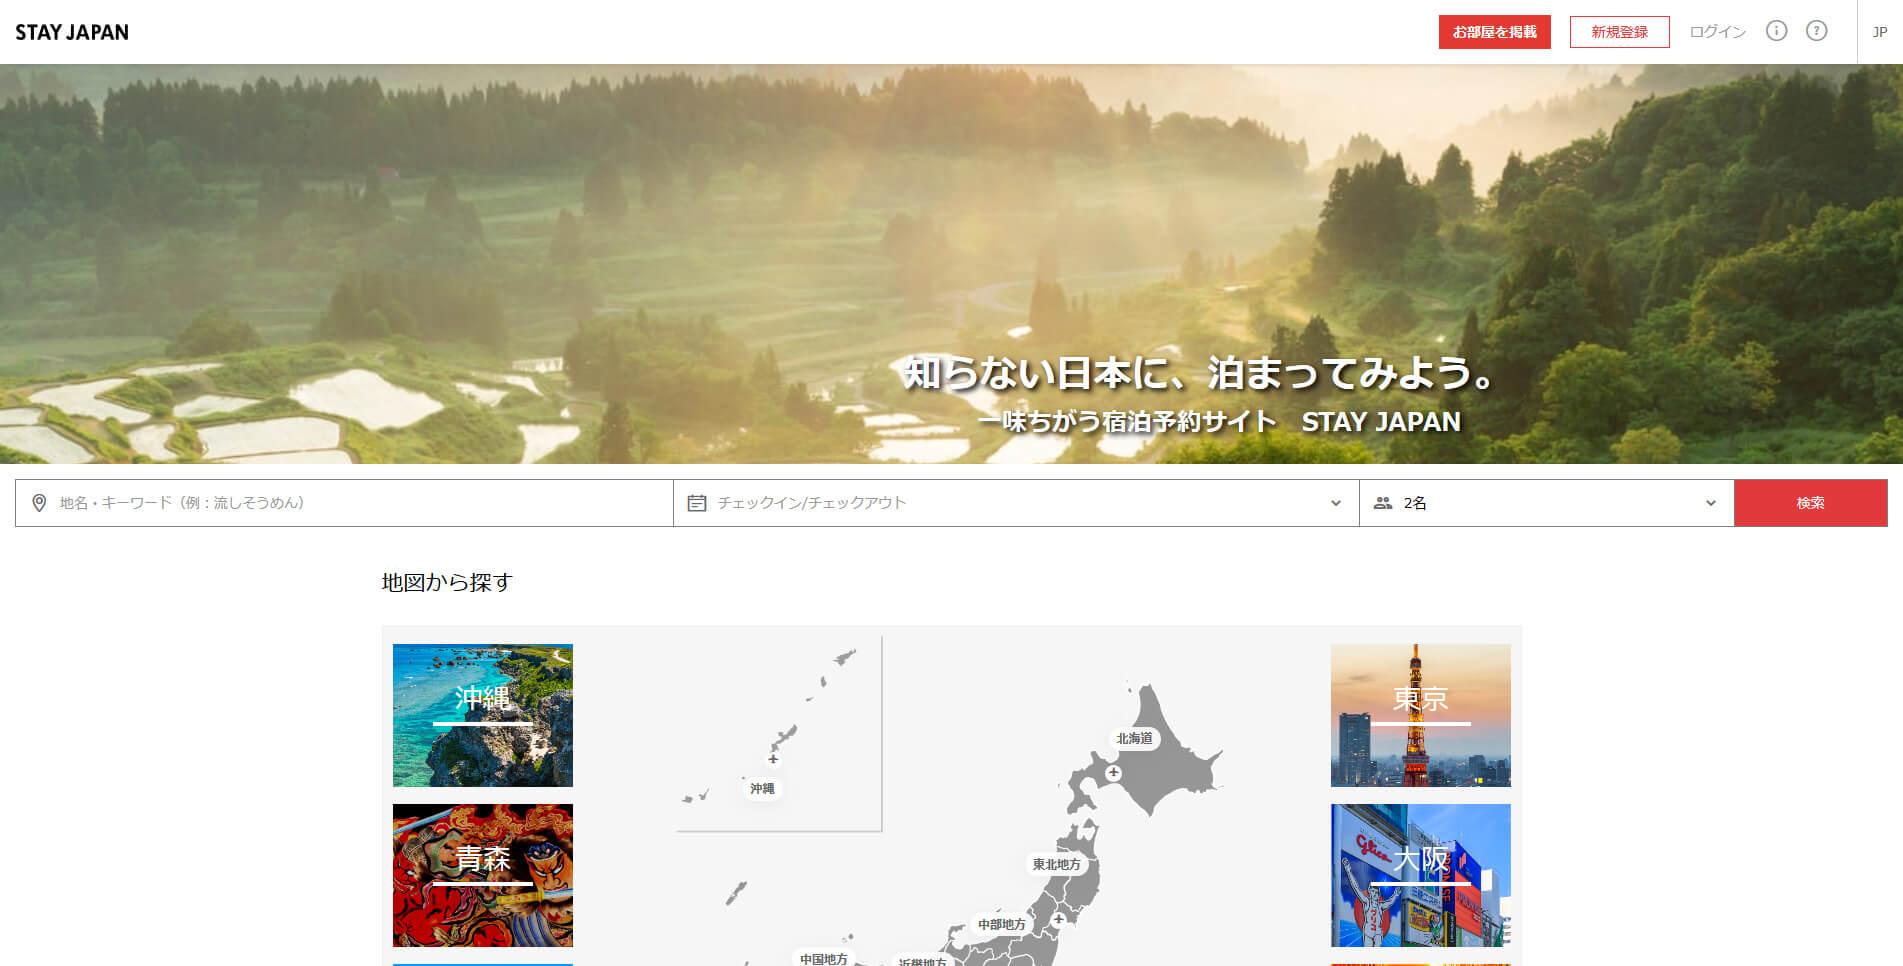 【最新】勝手にホームページリニューアル分析〜STAY JAPAN編〜